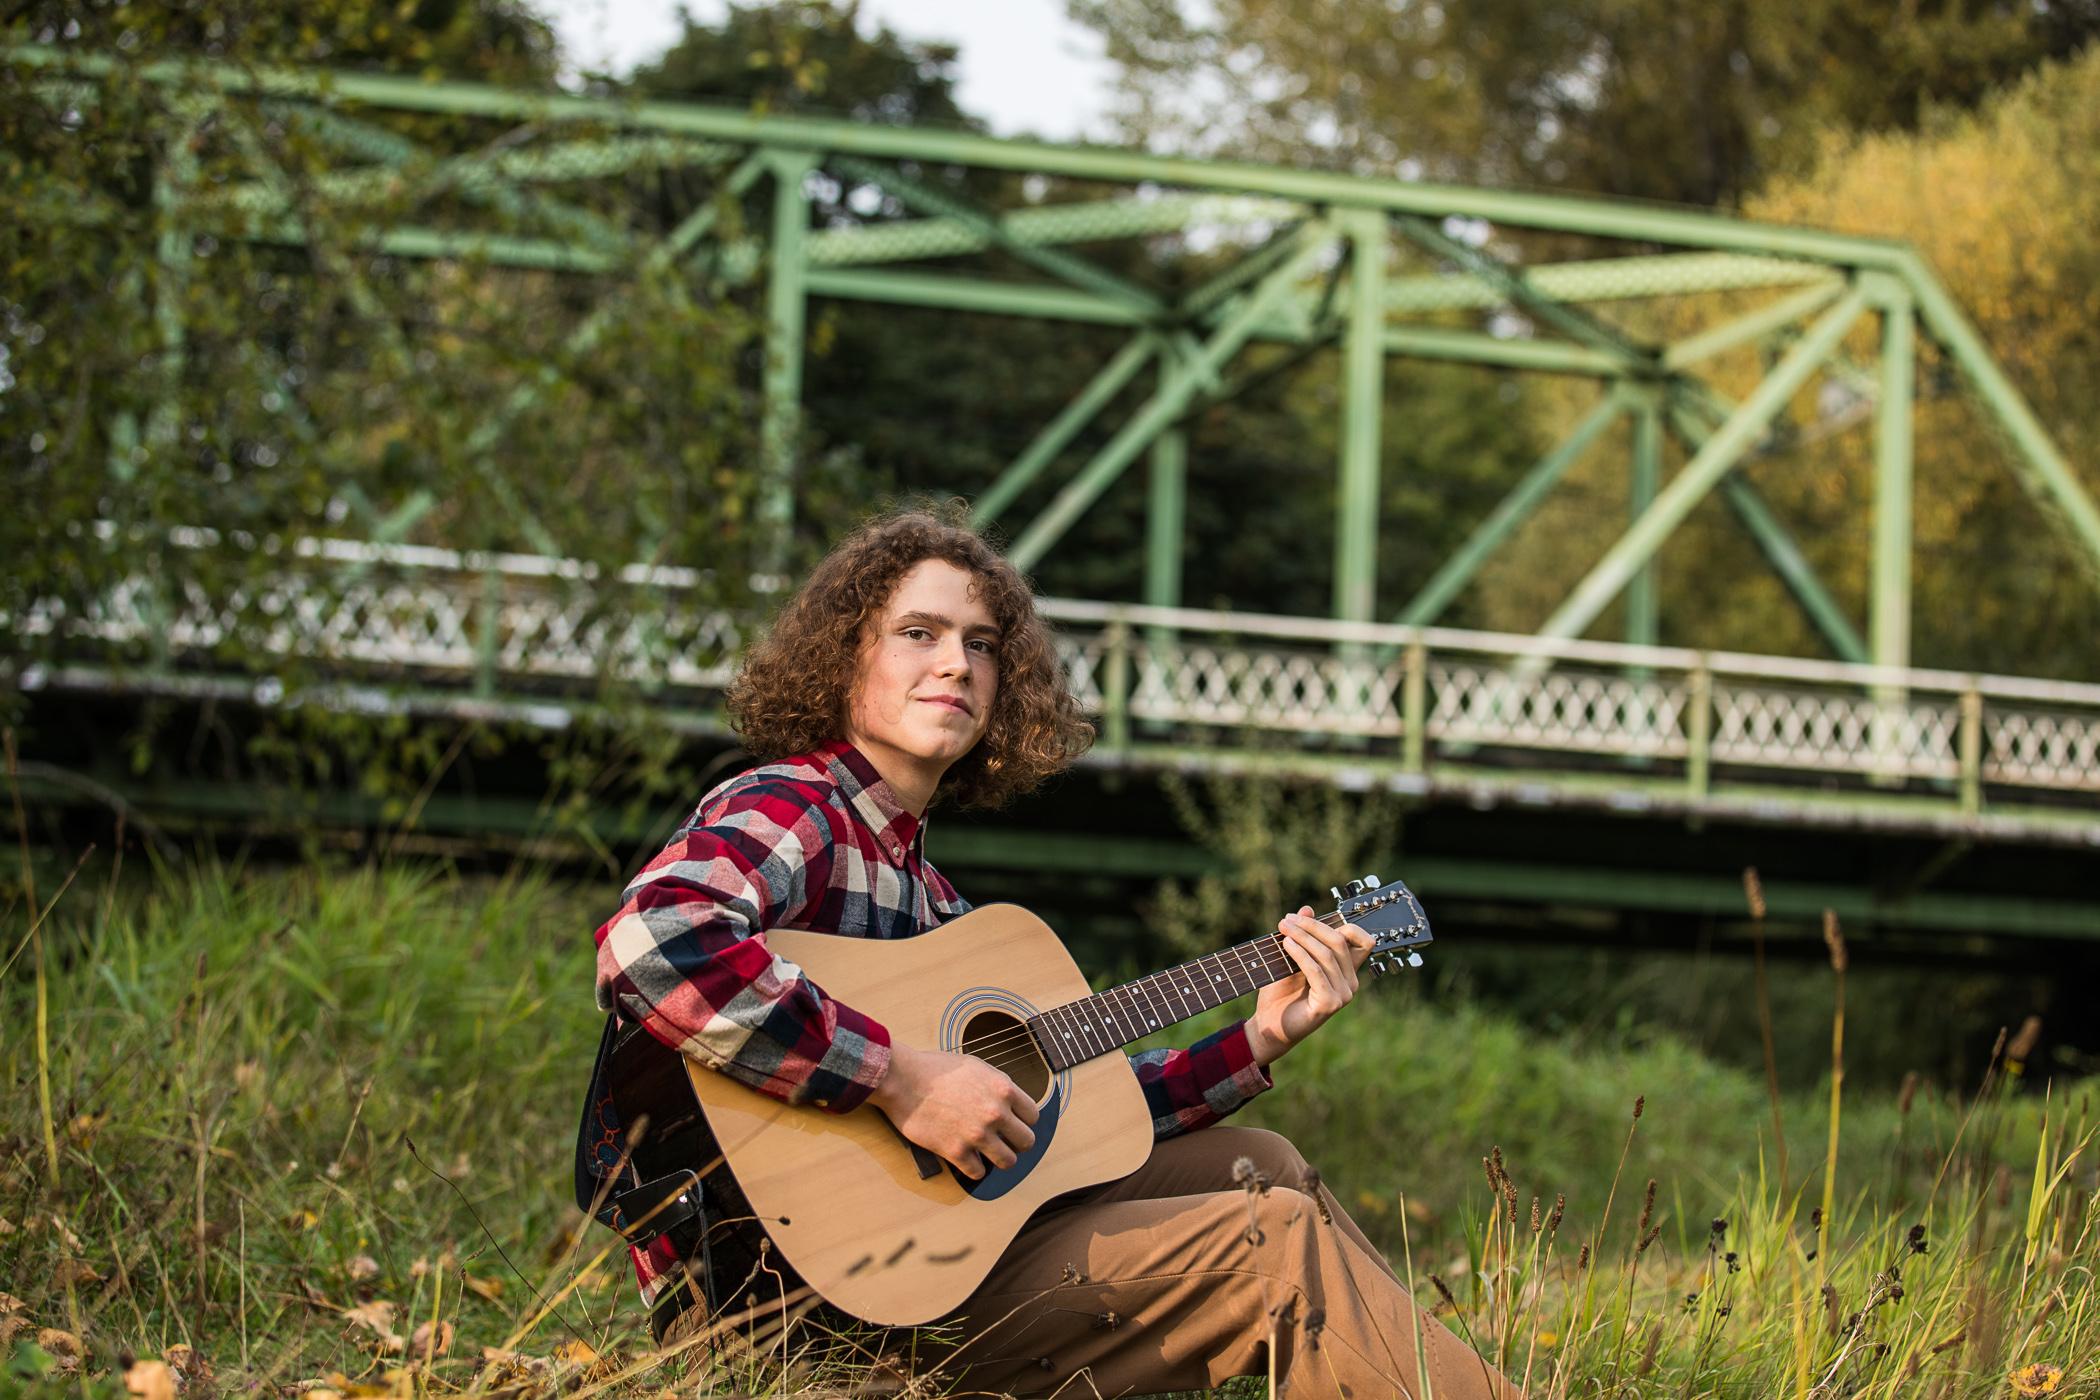 senior Portraits, guitar player